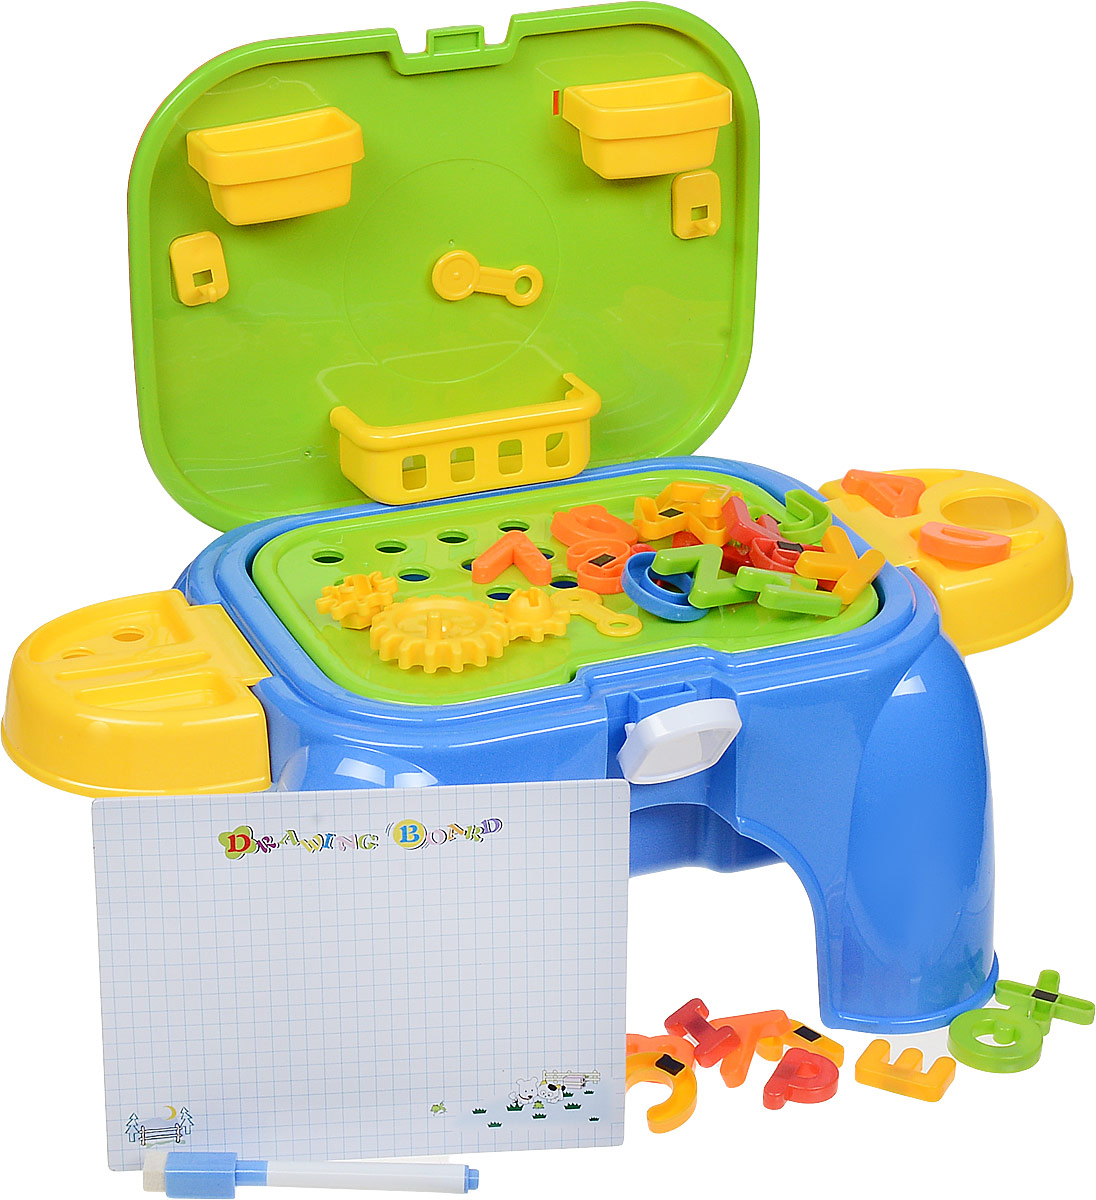 Bradex Обучающий столик-табурет 3 в 1 Скоро в школу цвет голубой оранжевый салатовый табурет складной детский алфавит салатовый 1156969